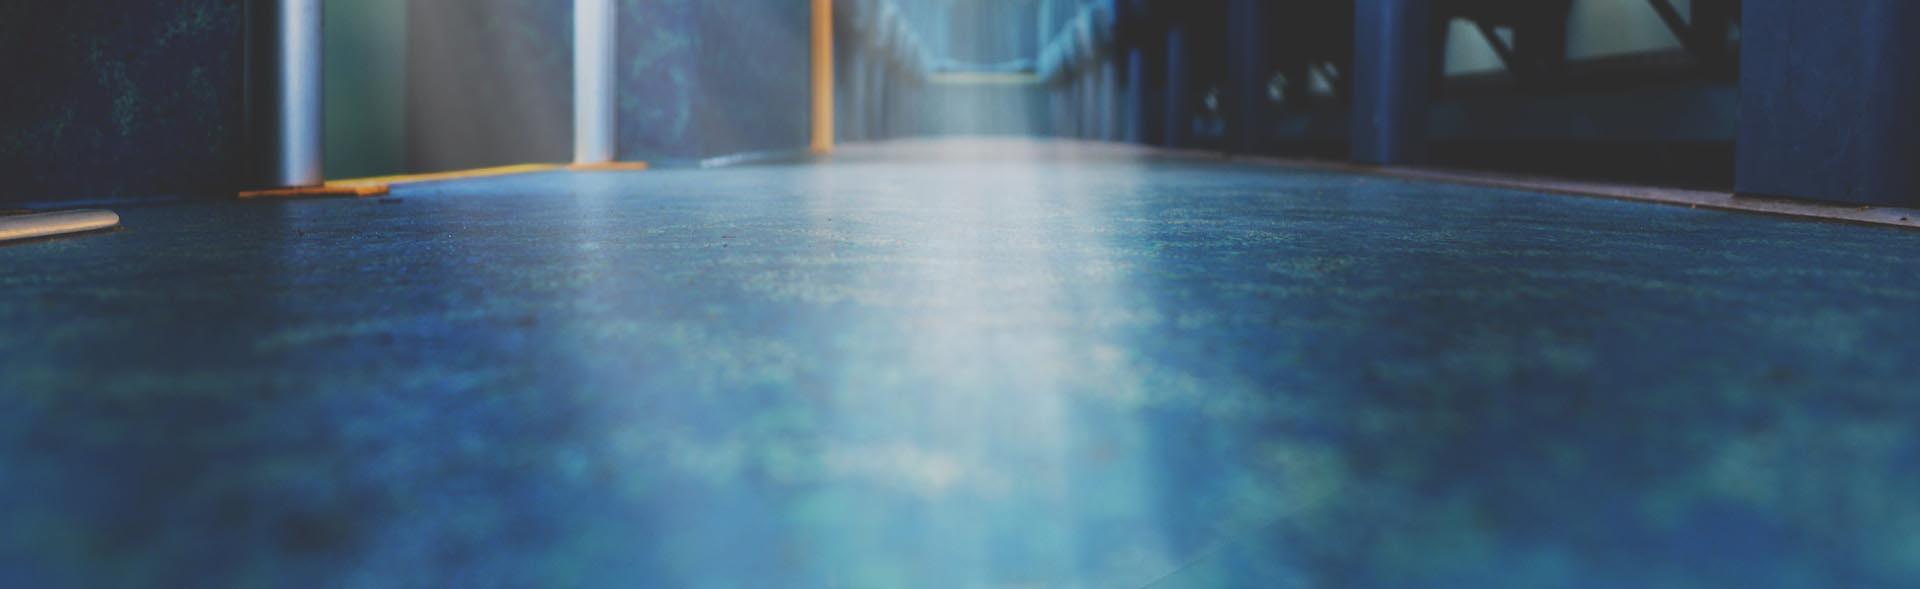 blur-1868346_500